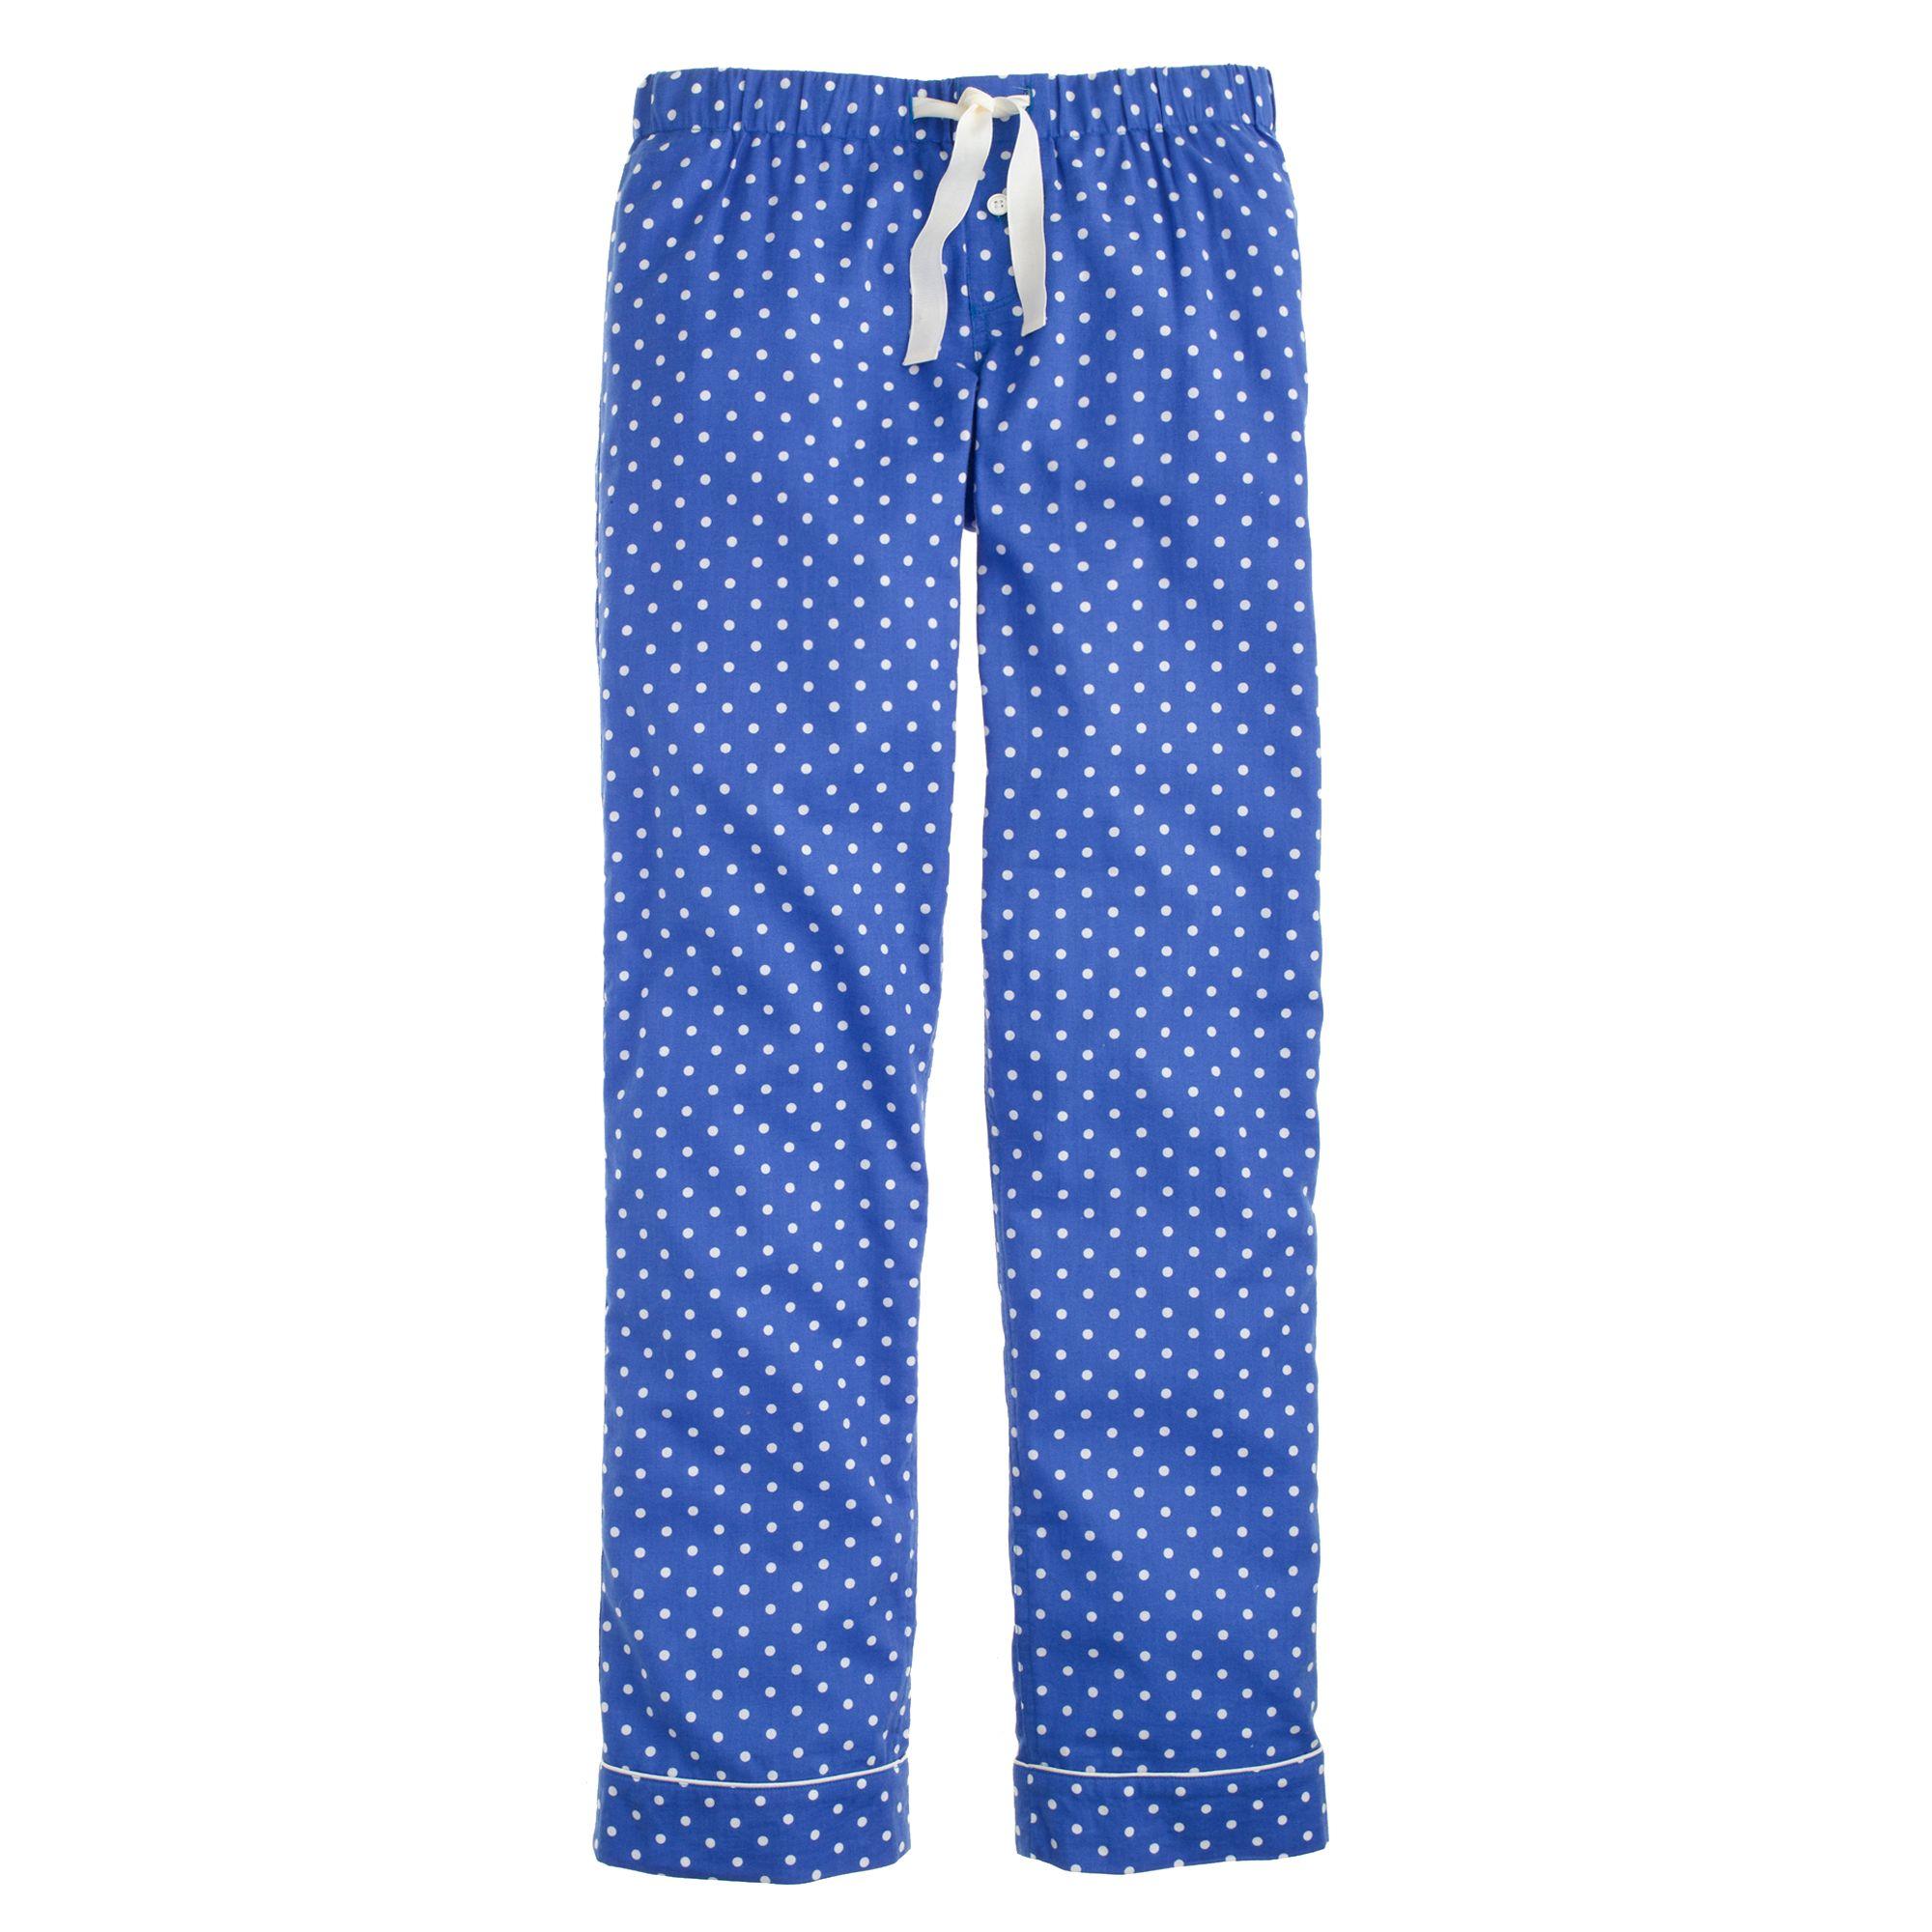 Elastic Waistband Jeans For Men